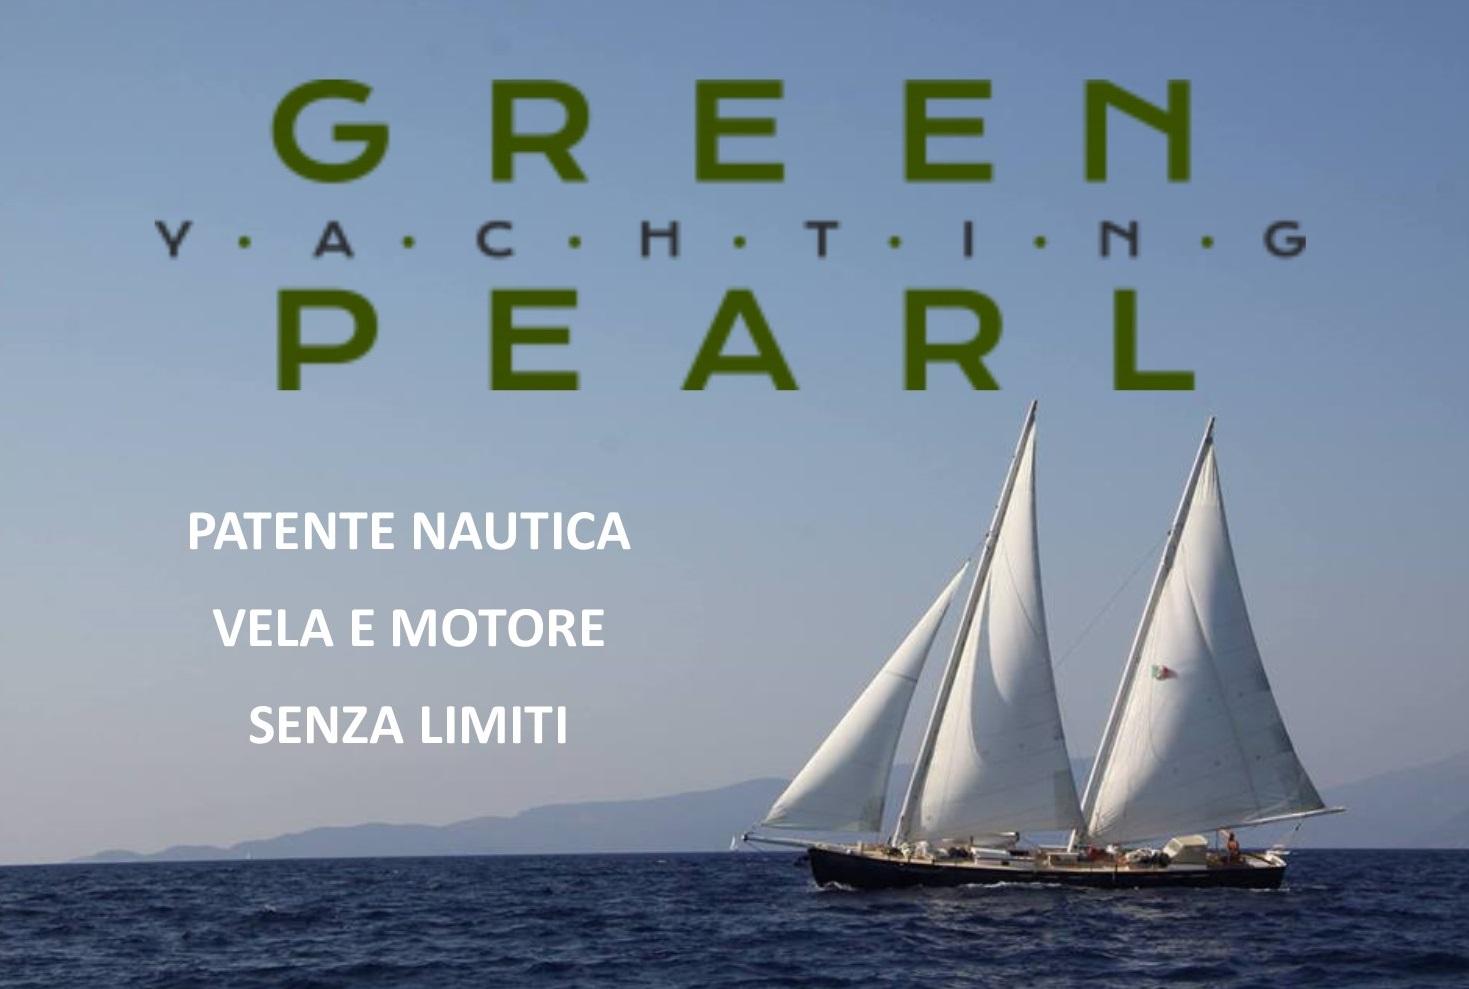 Patente nautica  – Vela e motore